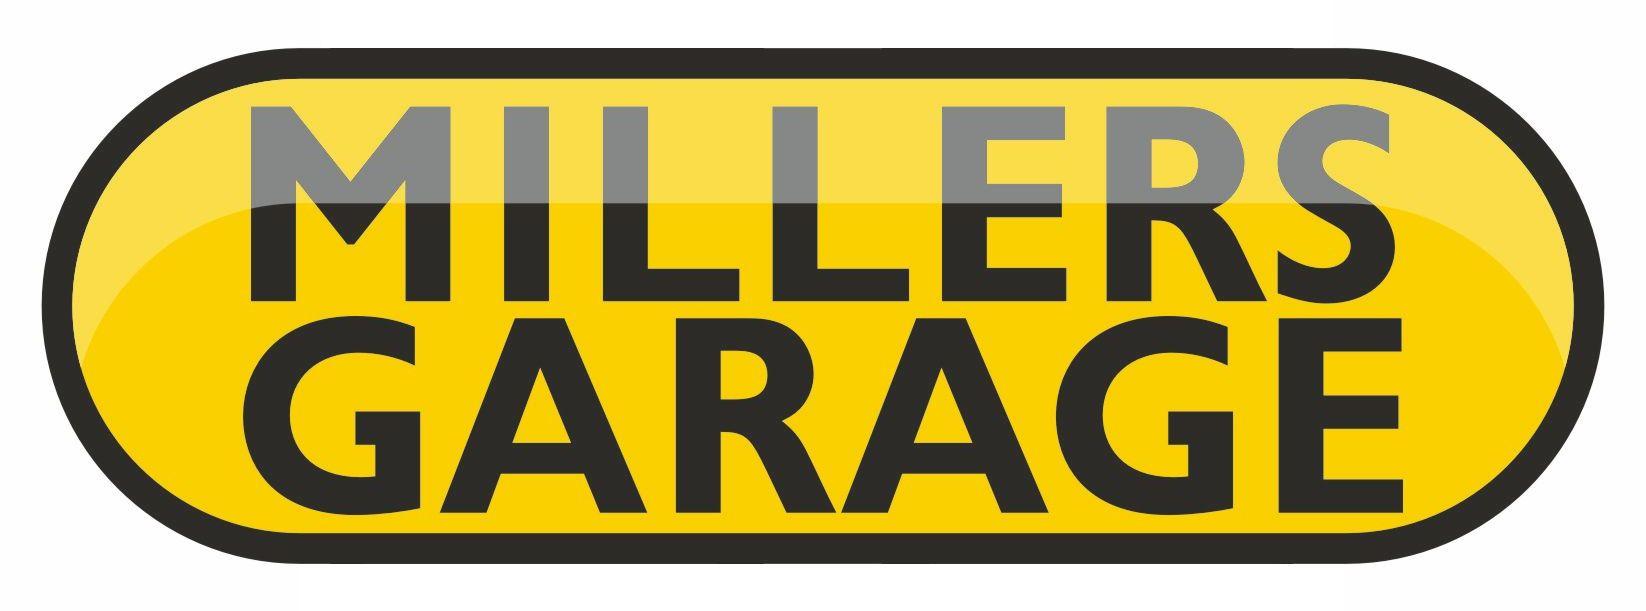 Millers garage limited Logo